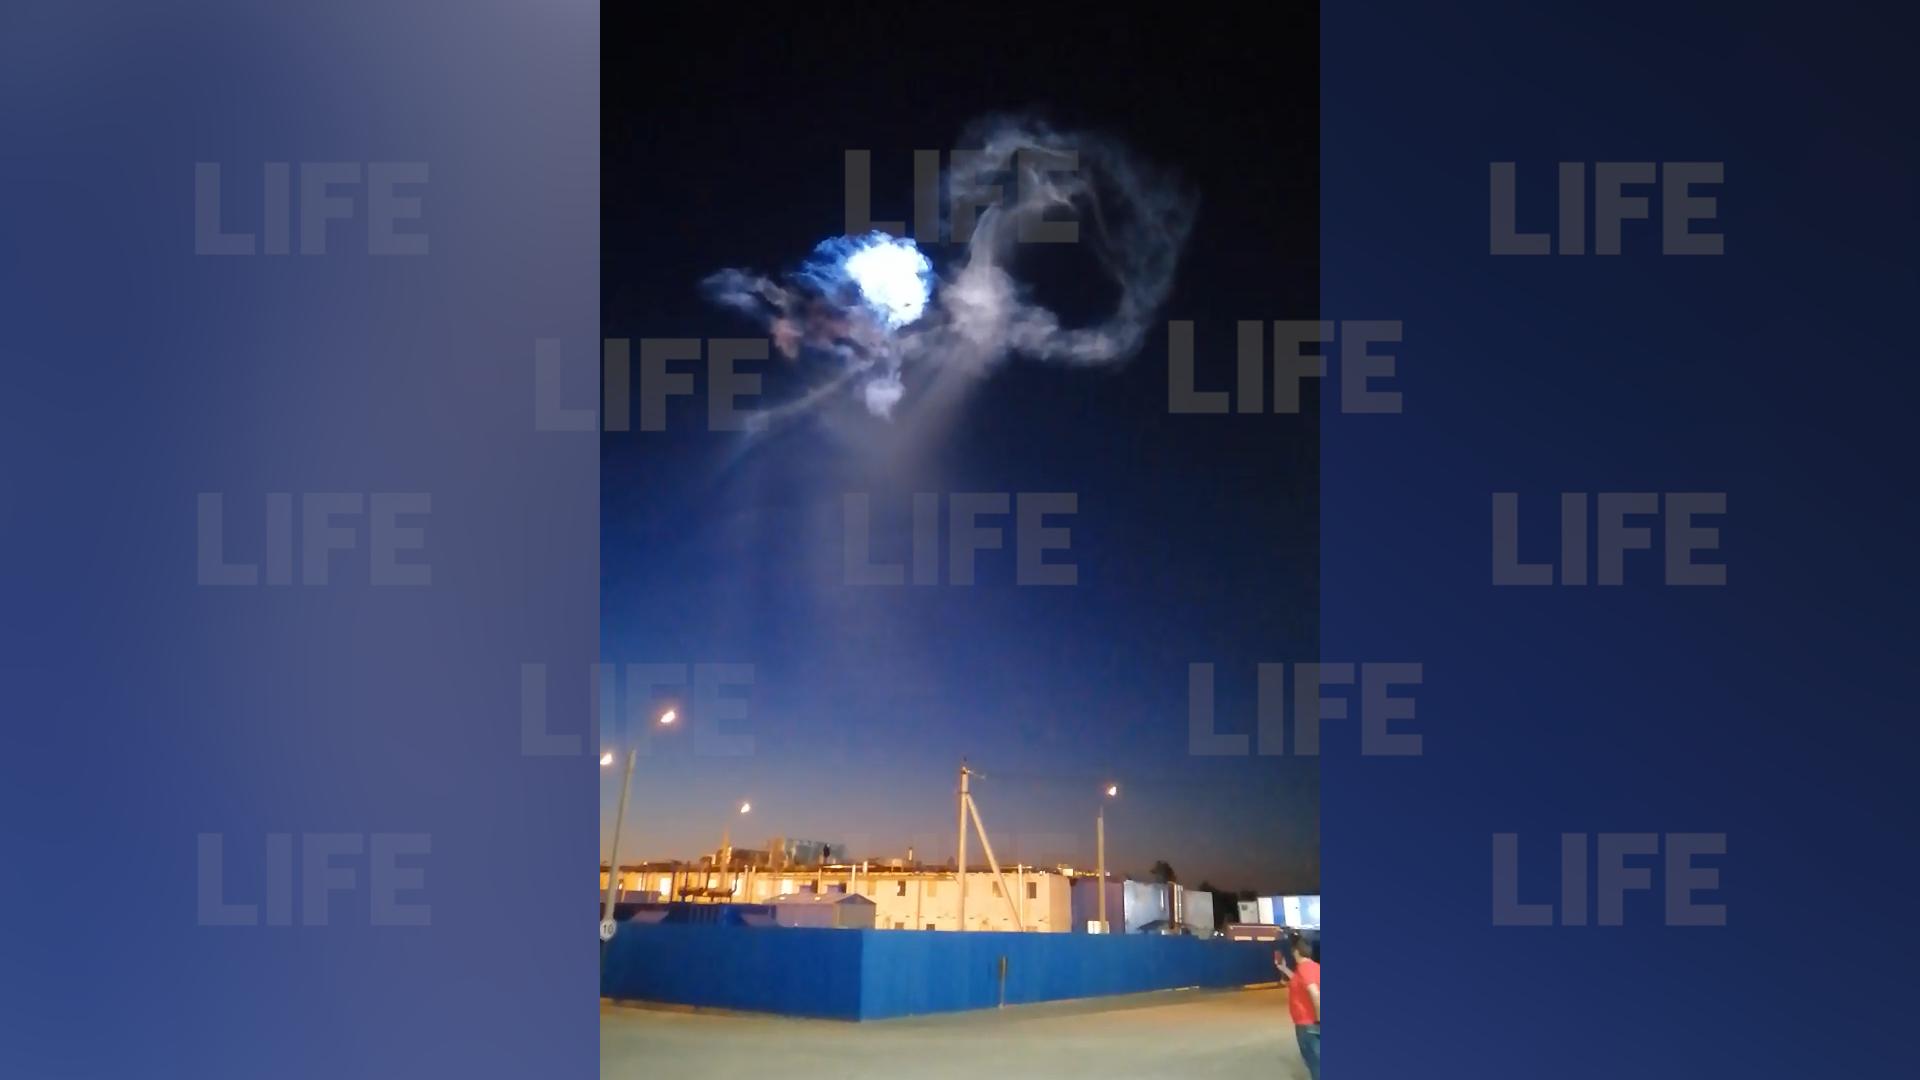 1373656145415.5818 Пугающая красота: Жители Амурской области стали свидетелями необычного явления в небе